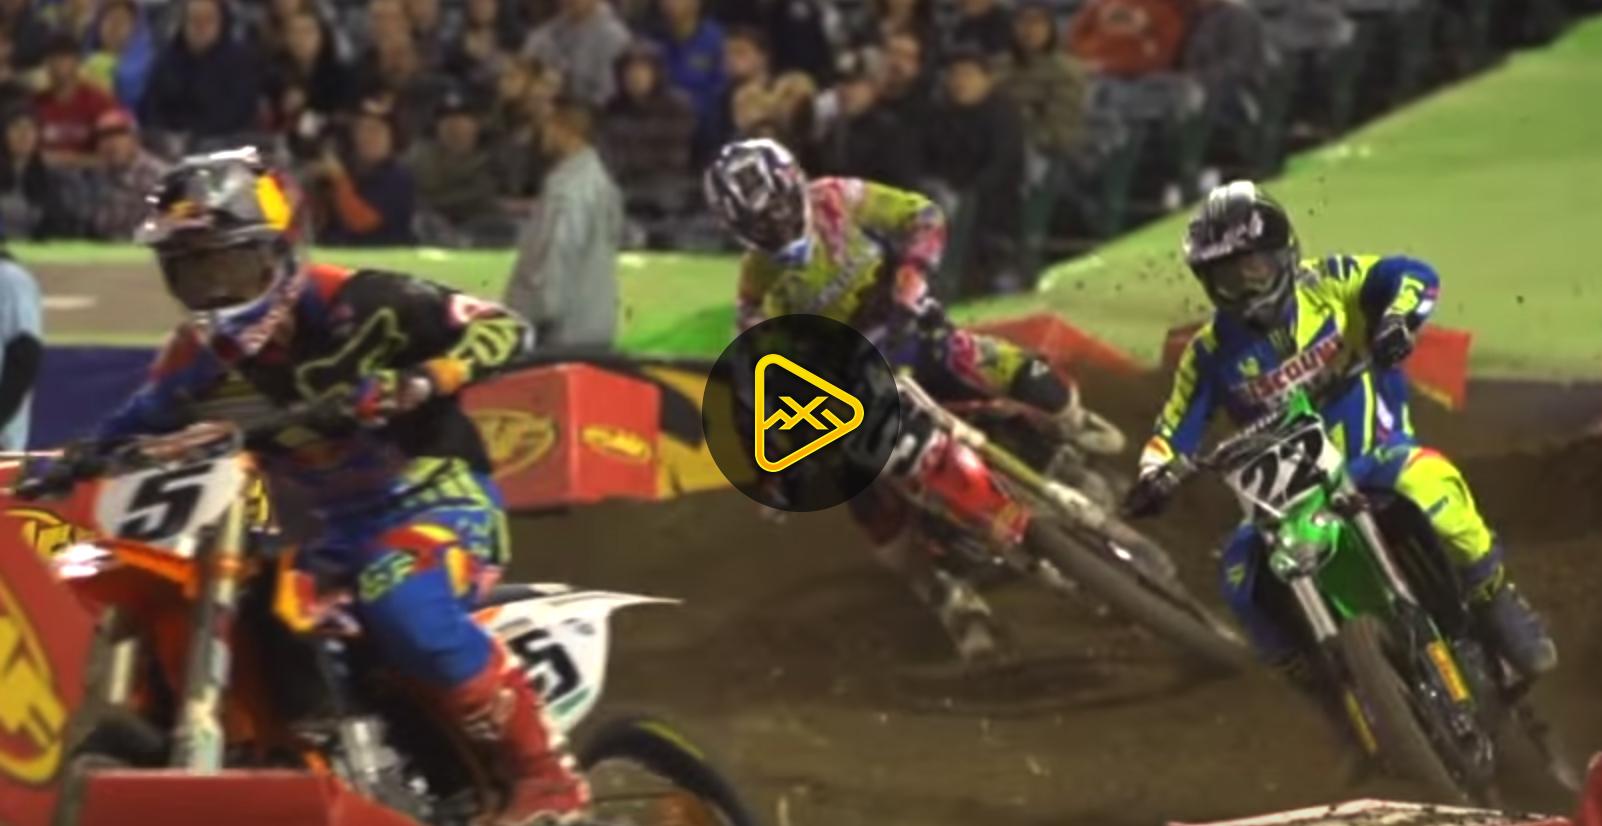 Bar to Bar 2015 – Monster Energy Supercross